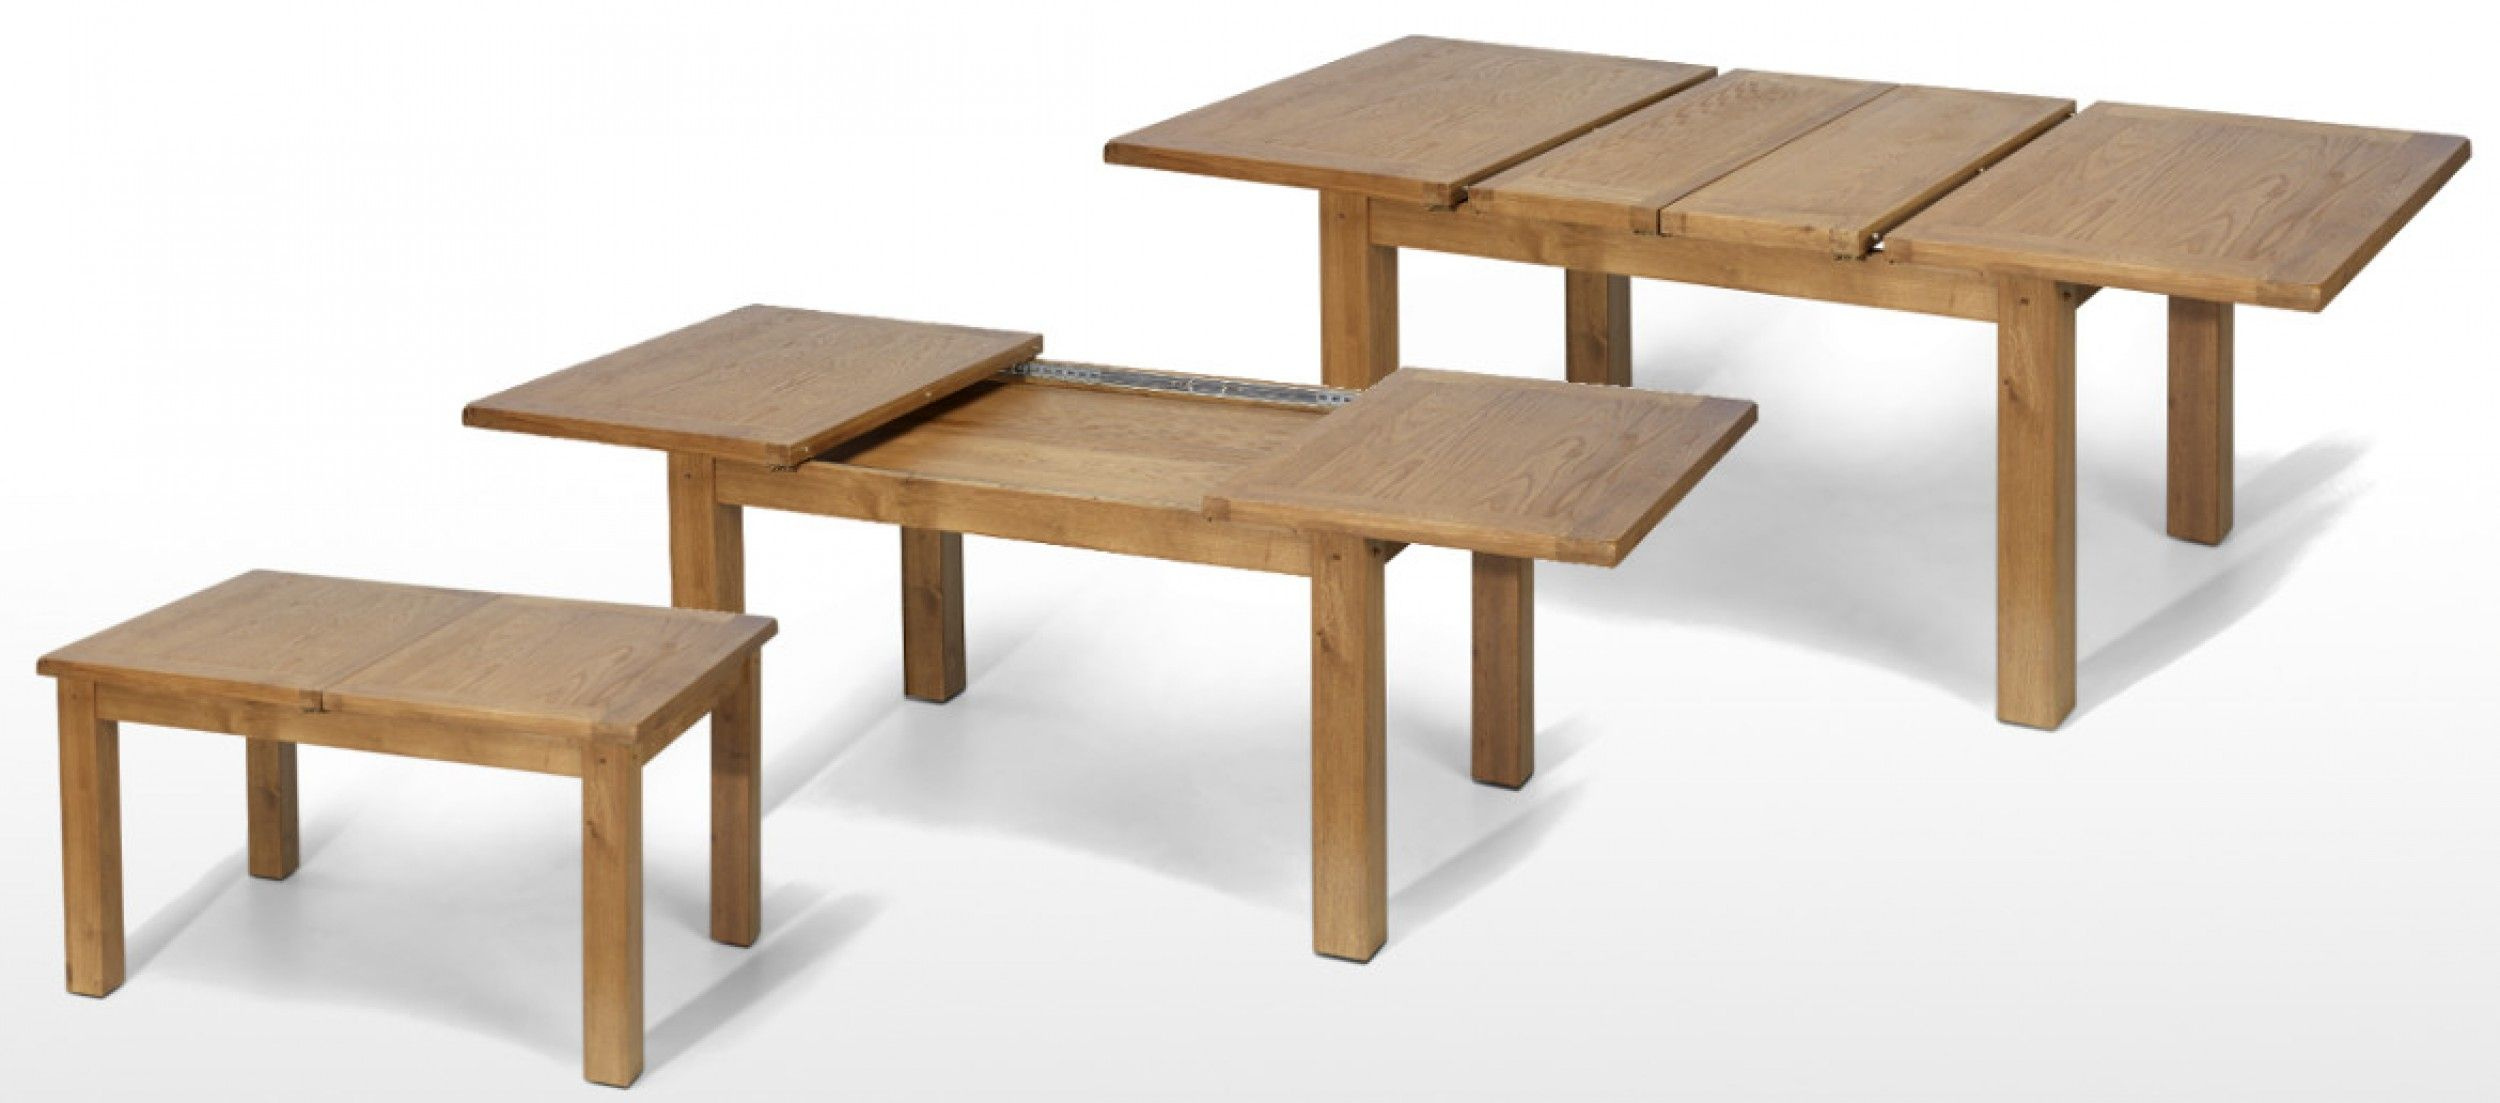 Esstisch Und 8 Stuhle Esszimmerstuhle Stuhle Esstisch Esstisch Eiche